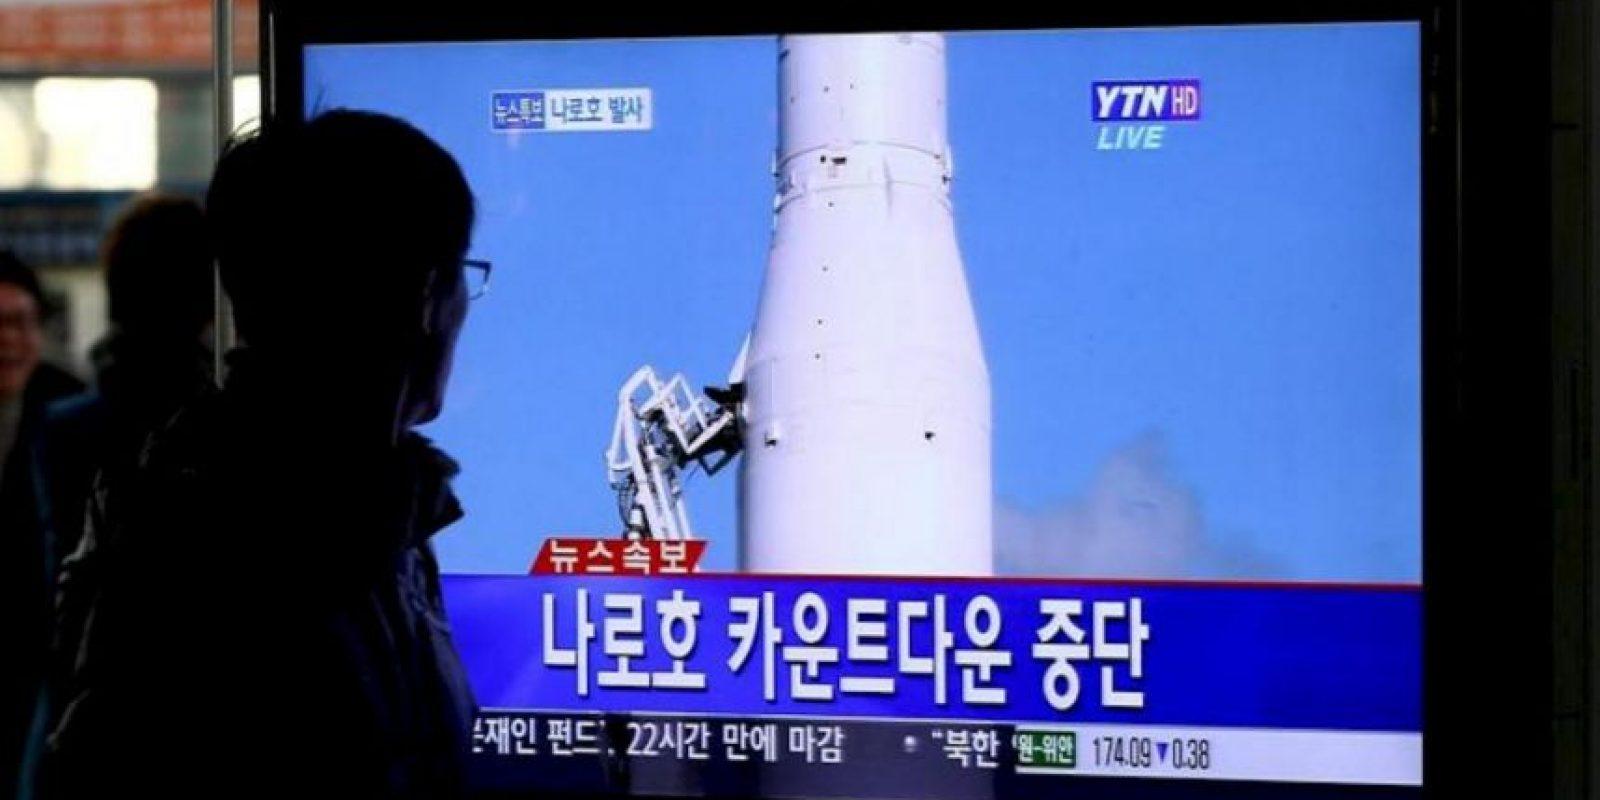 Un hombre surcoreano observa la retransmisión de la suspensión del tercer intento del lanzamiento de su cohete Naro-1 (KSLV-1), en Seúl, Corea del Sur, hoy jueves 29 de noviembre de 2012. El lanzamiento del Naro-1 (KSLV-1) ha sido pospuesto de nuevo debido a un nuevo problema detectado en la lanzadera espacial. EFE